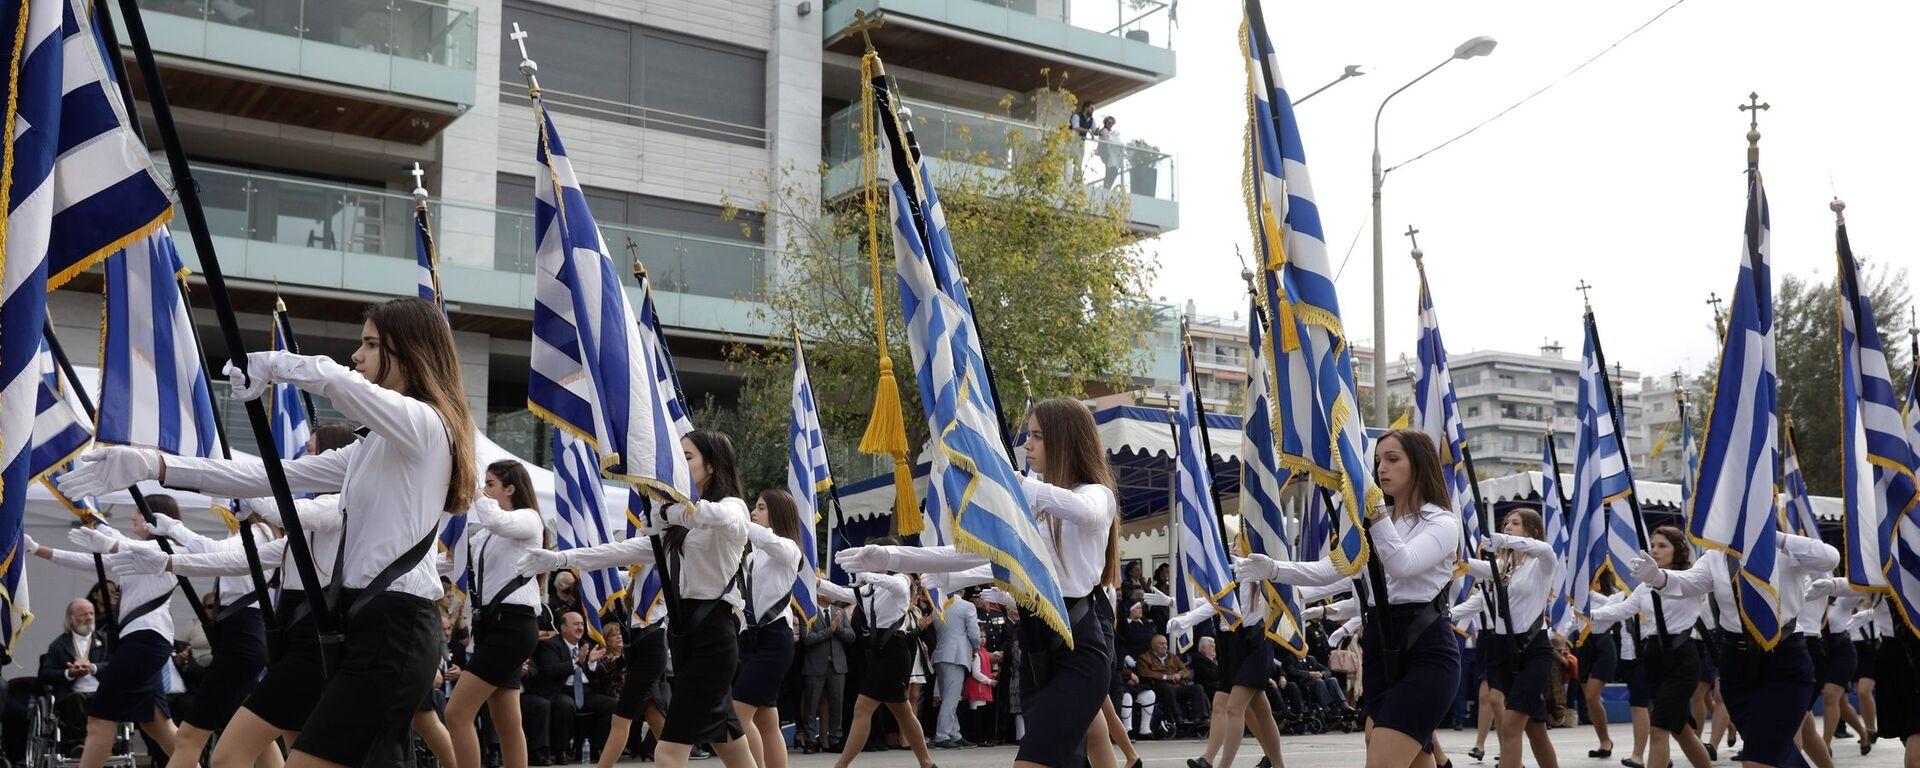 Μαθητική παρέλαση 28ης Οκτωβρίου - Sputnik Ελλάδα, 1920, 04.10.2021